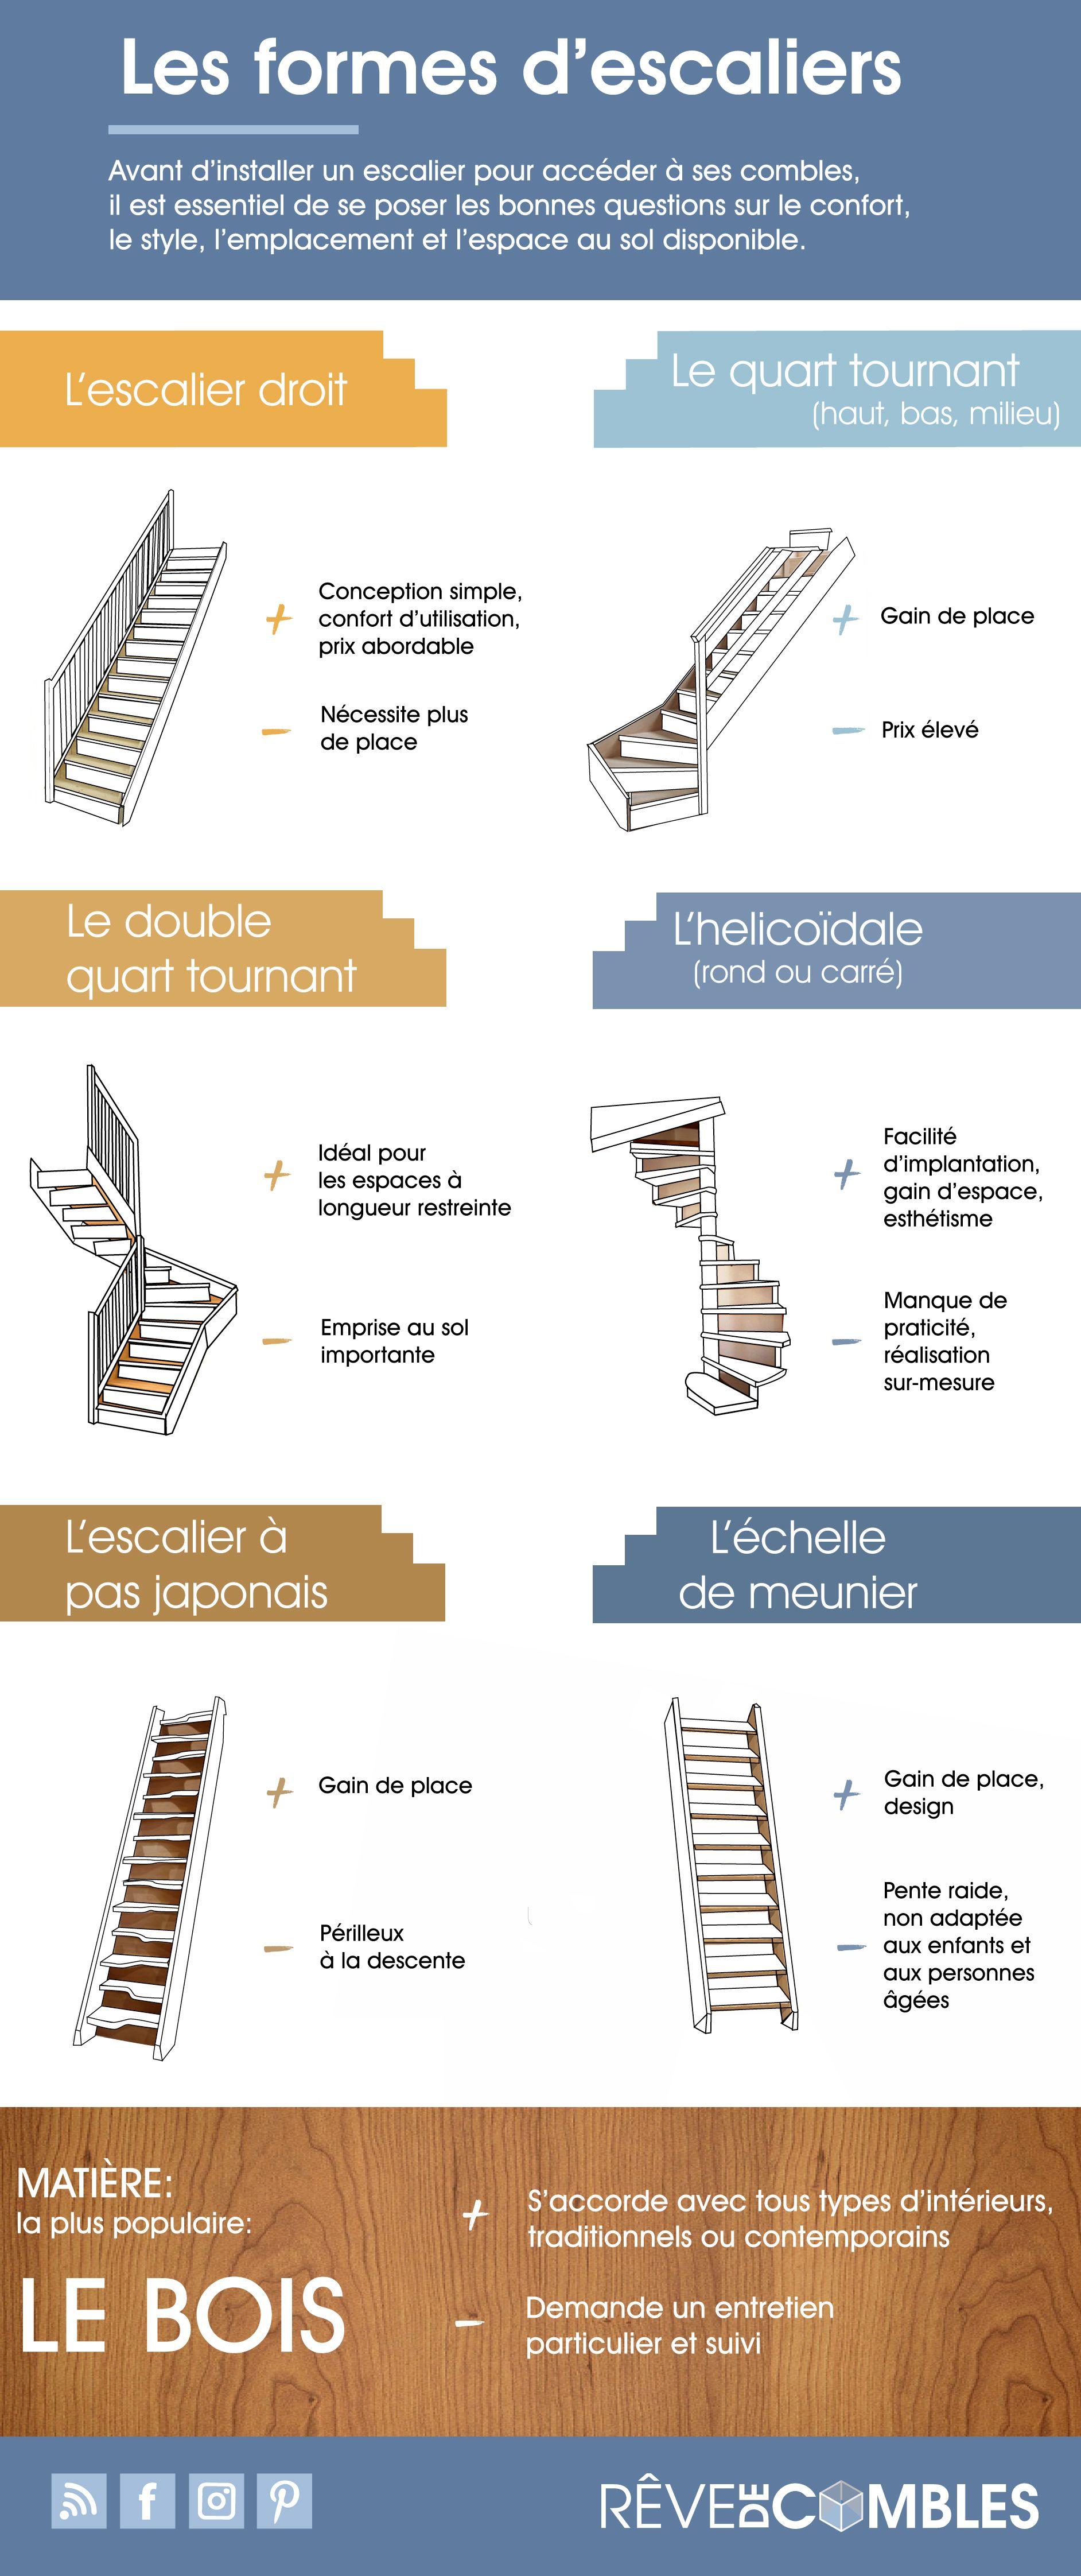 Les Differentes Formes D Escaliers Combles Escalier Escalier